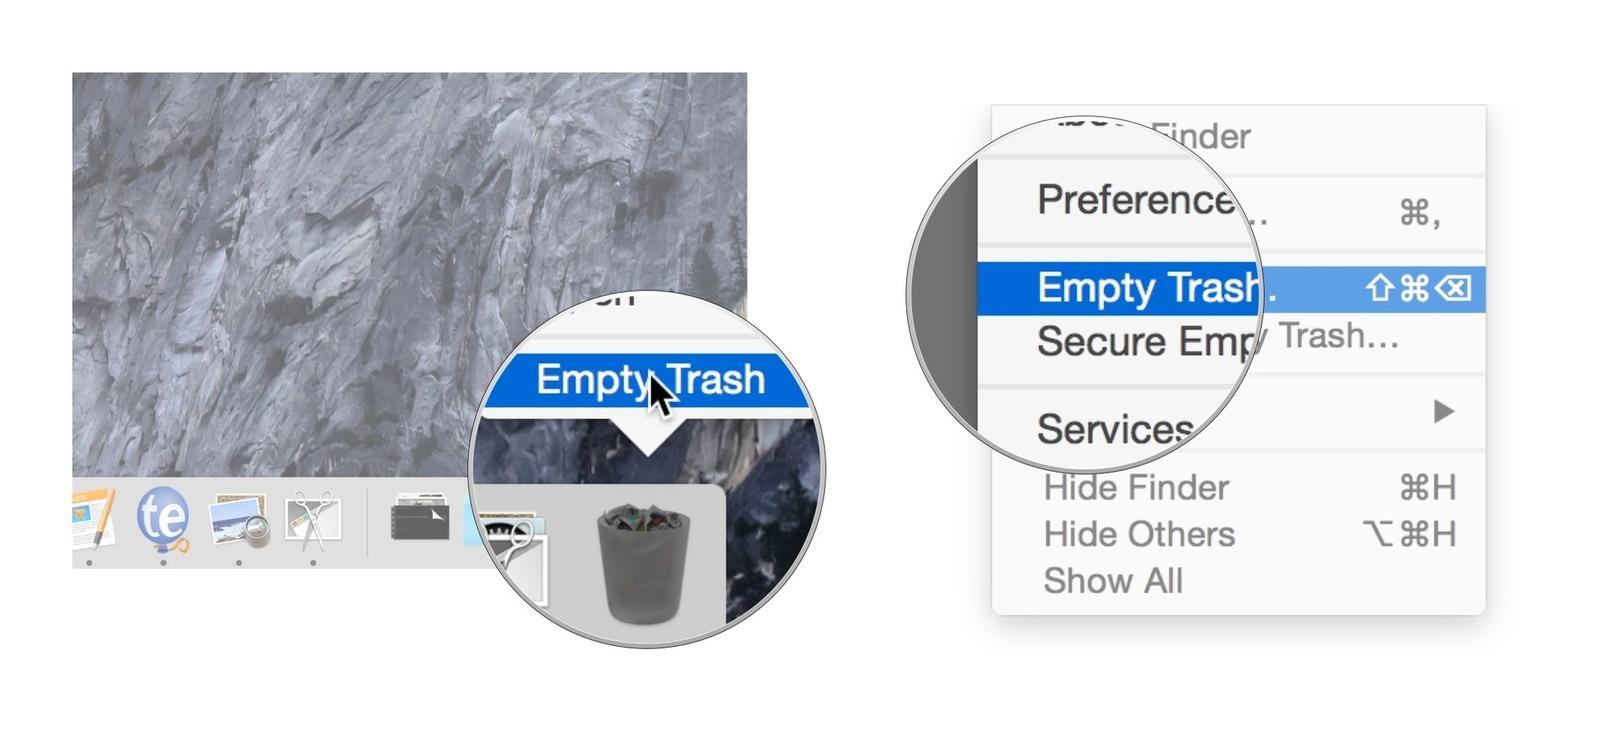 18 cách làm máy Mac chạy nhanh hơn theo ý kiến của cựu chuyên gia Apple 74